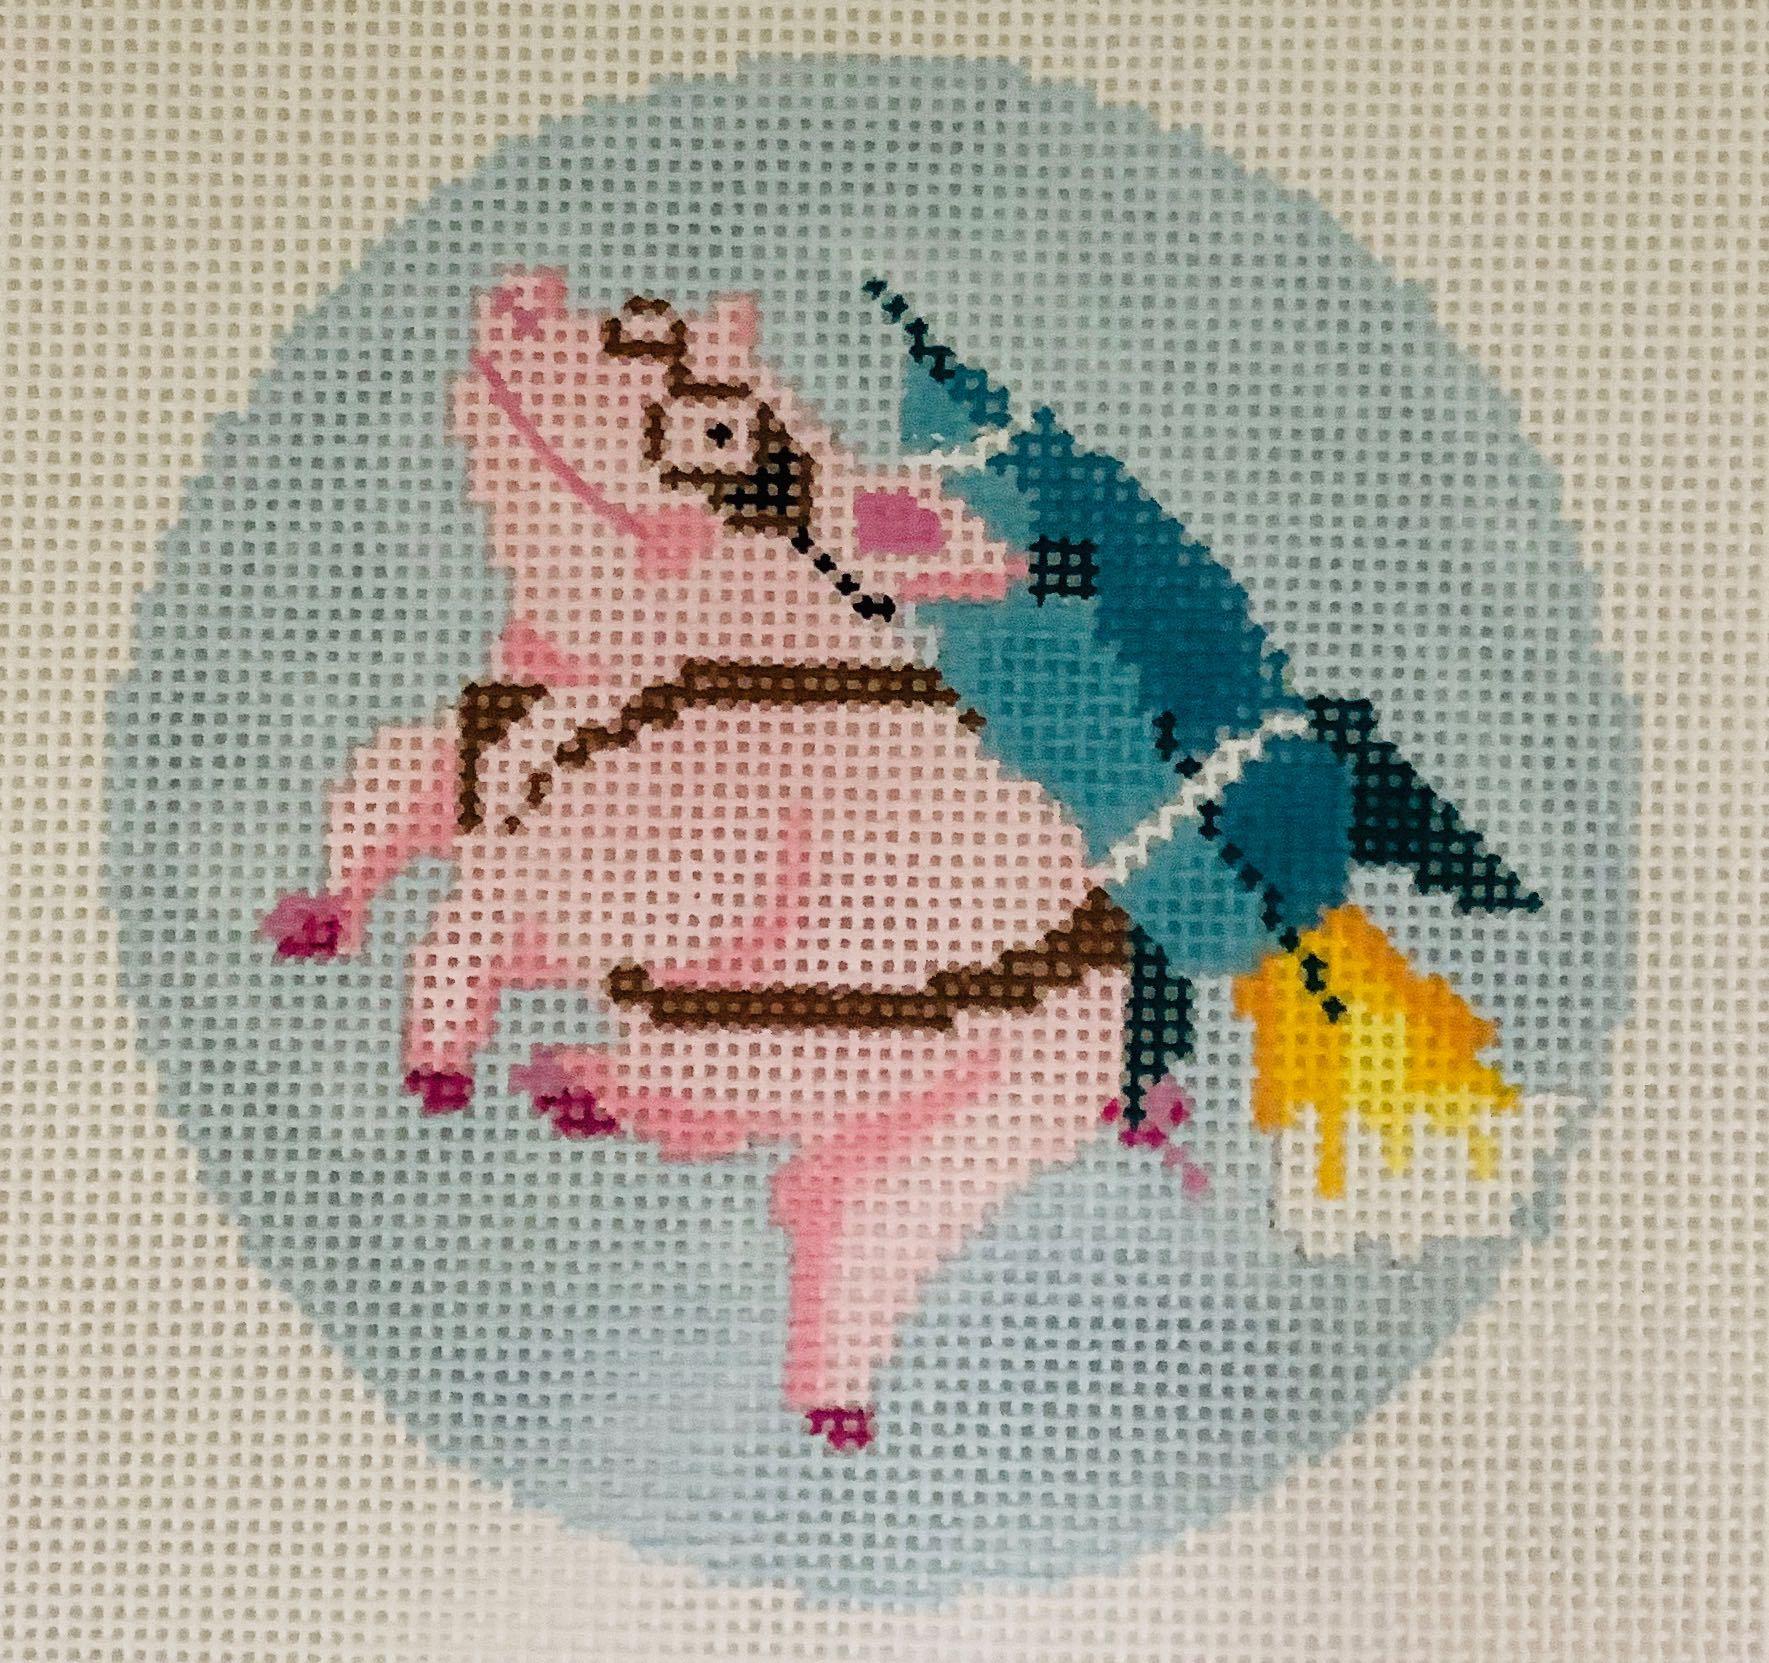 R13 Rocket Pig Ornament Blue Ridge Stitchery